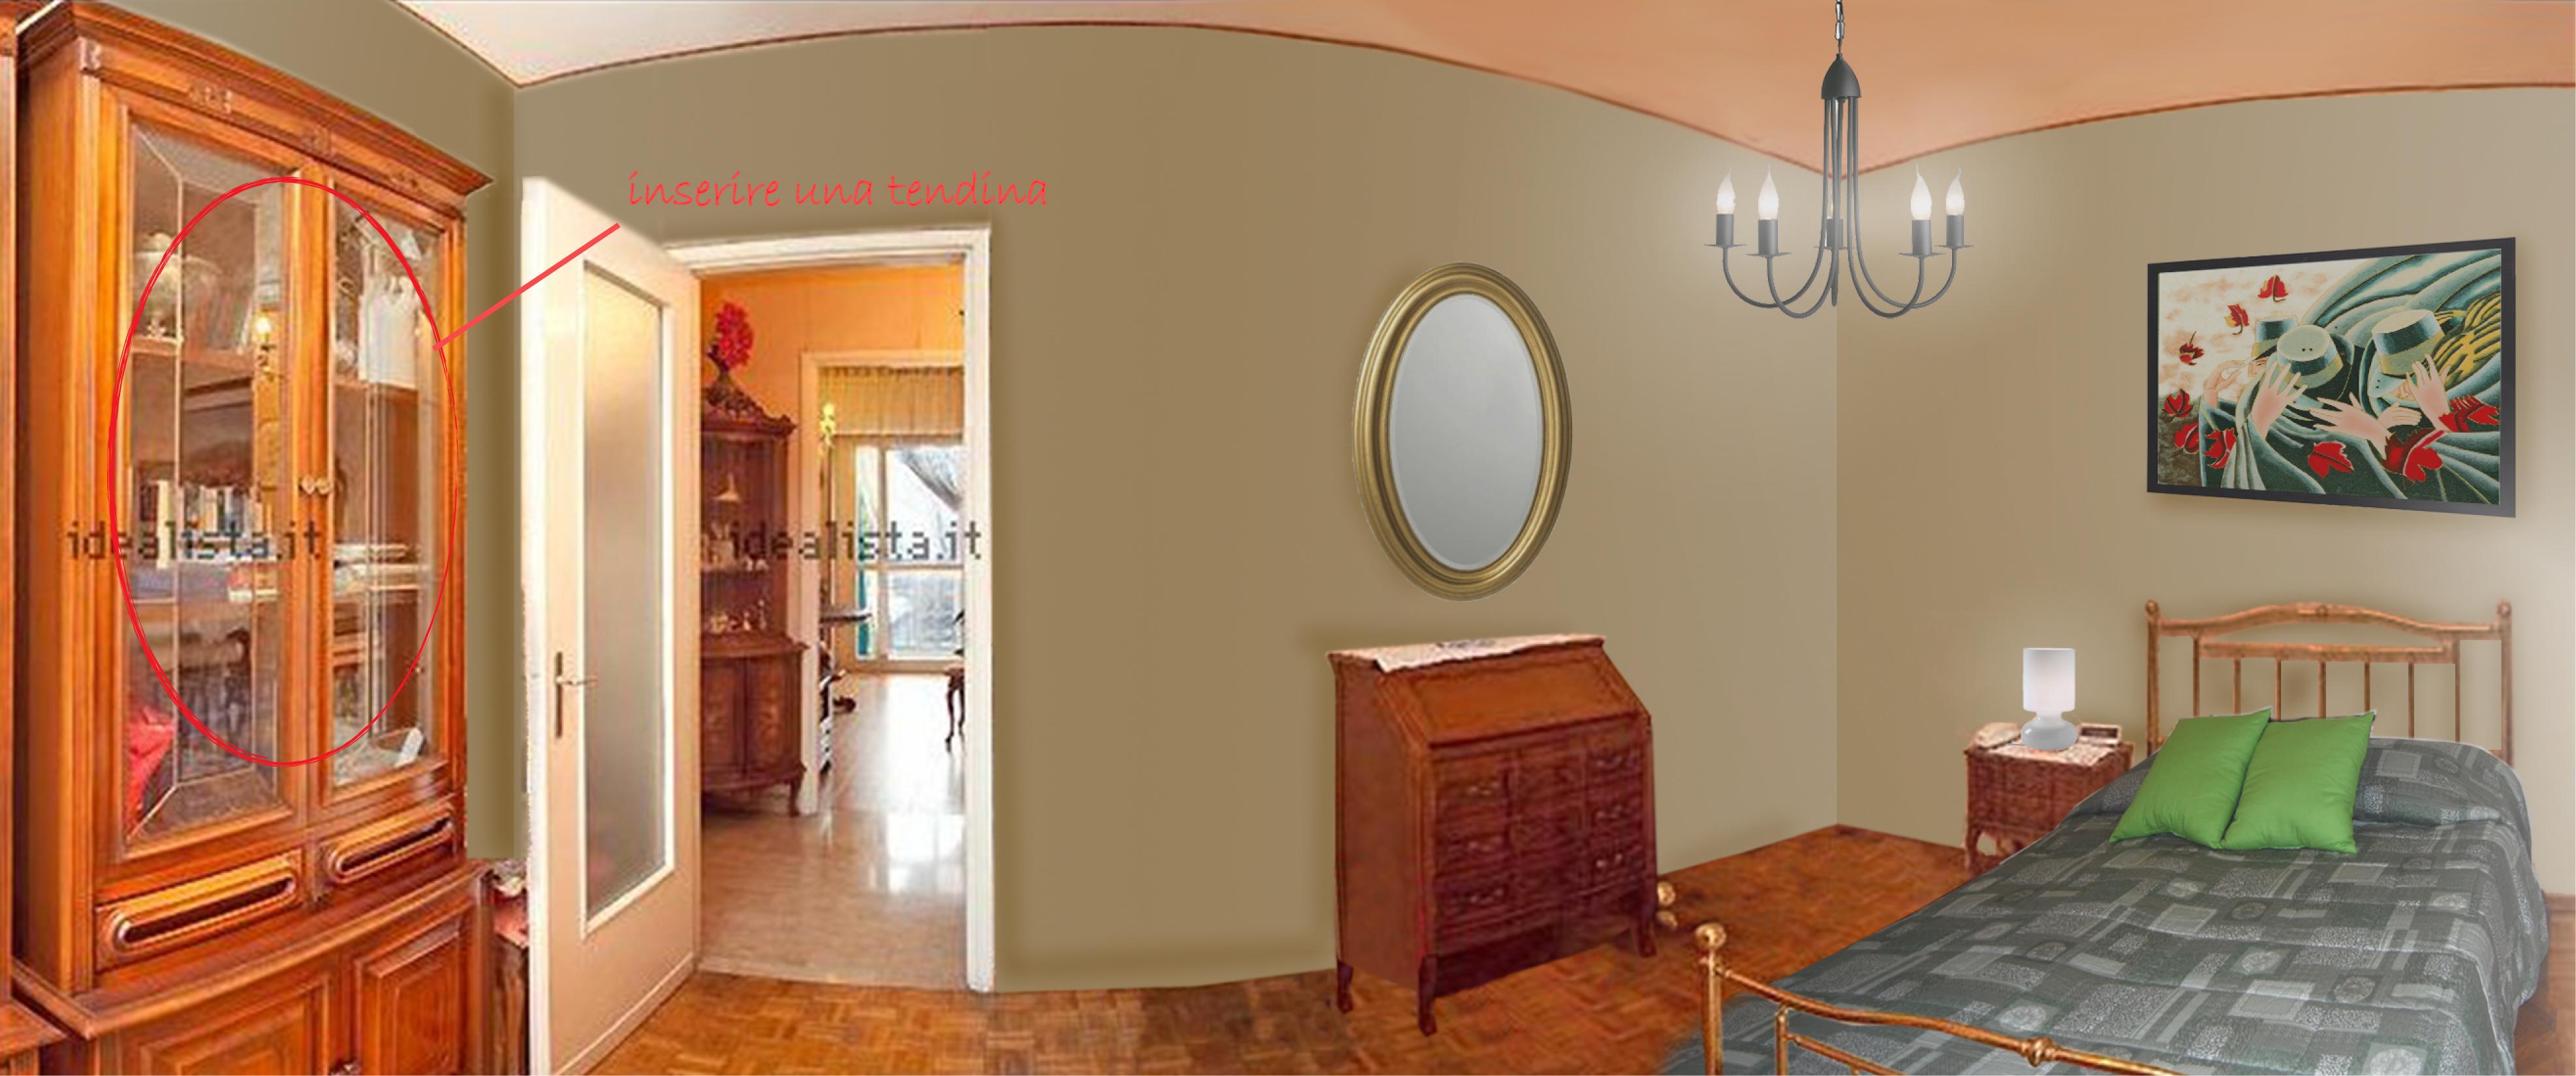 Home staging: come far risaltare il tipico appartamento ...